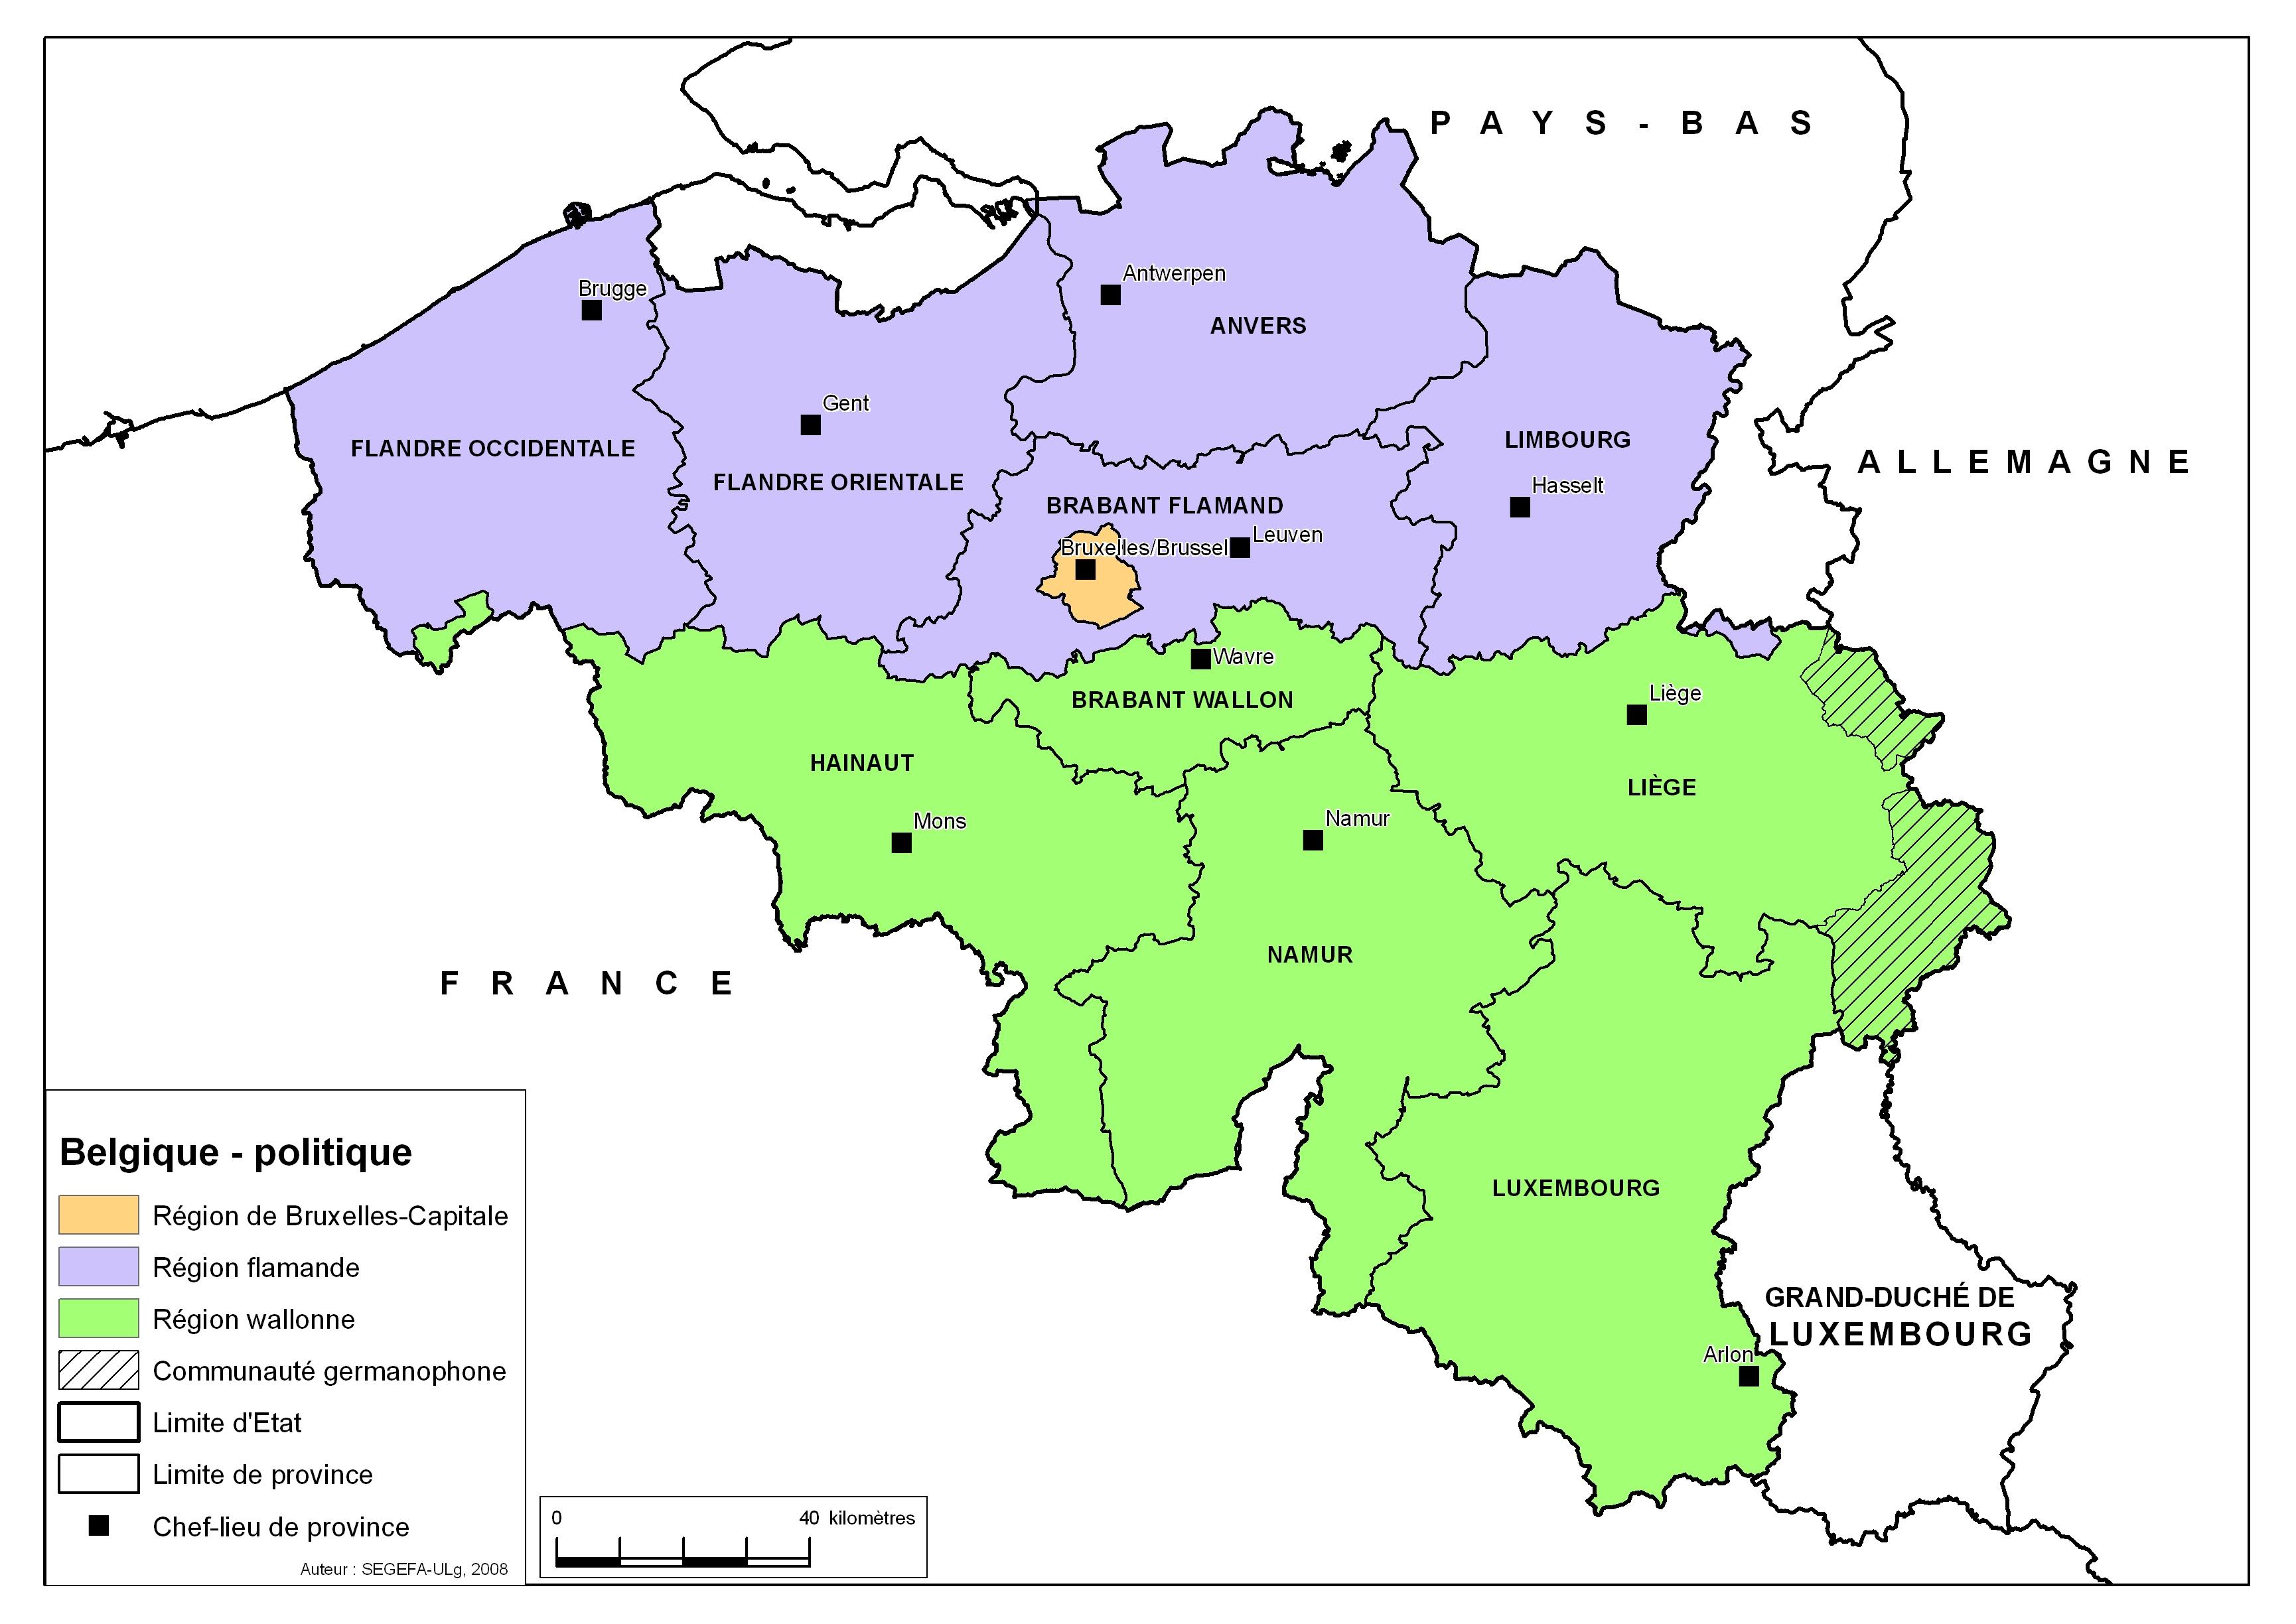 Carte De La Wallonie Belgique.Enseignement Be Boite A Outils Des Professeurs Atlas